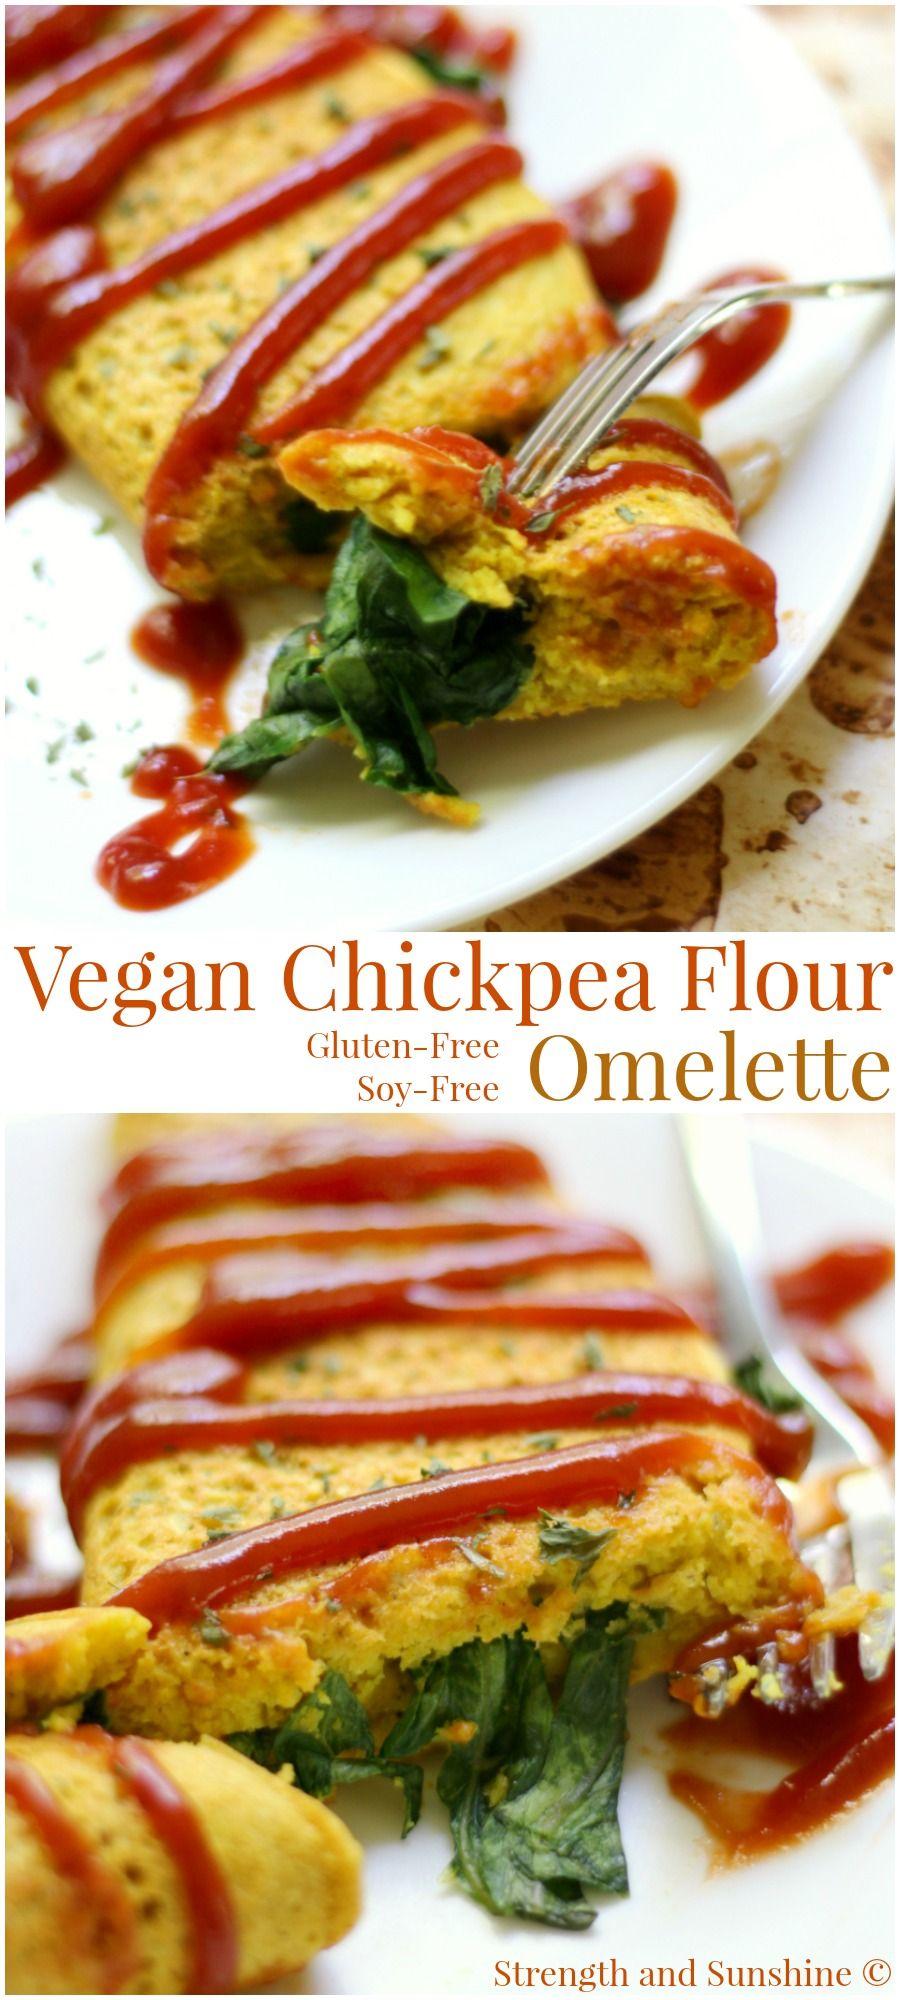 Vegan Chickpea Flour Omelette Recipe Vegan Breakfast Recipes